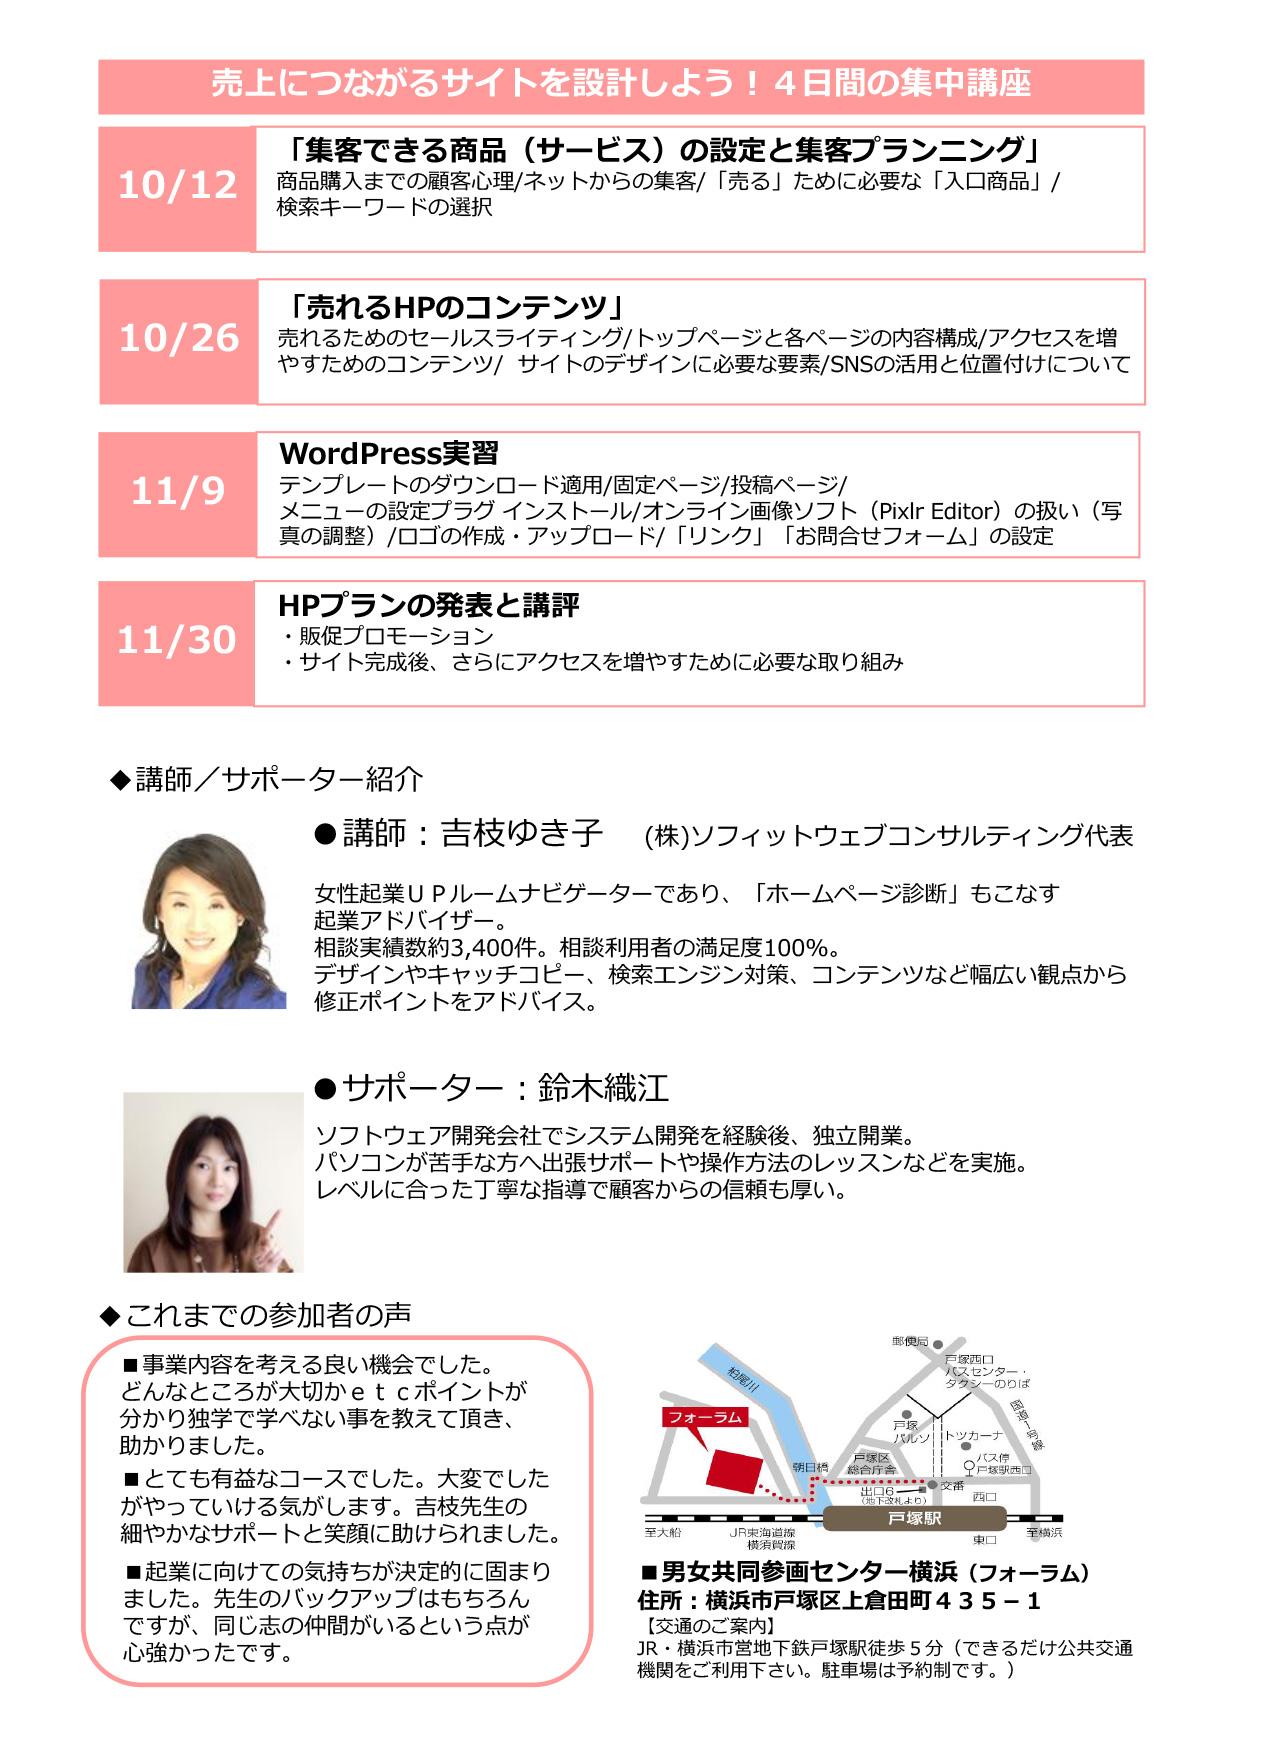 横浜女性起業家たまご塾